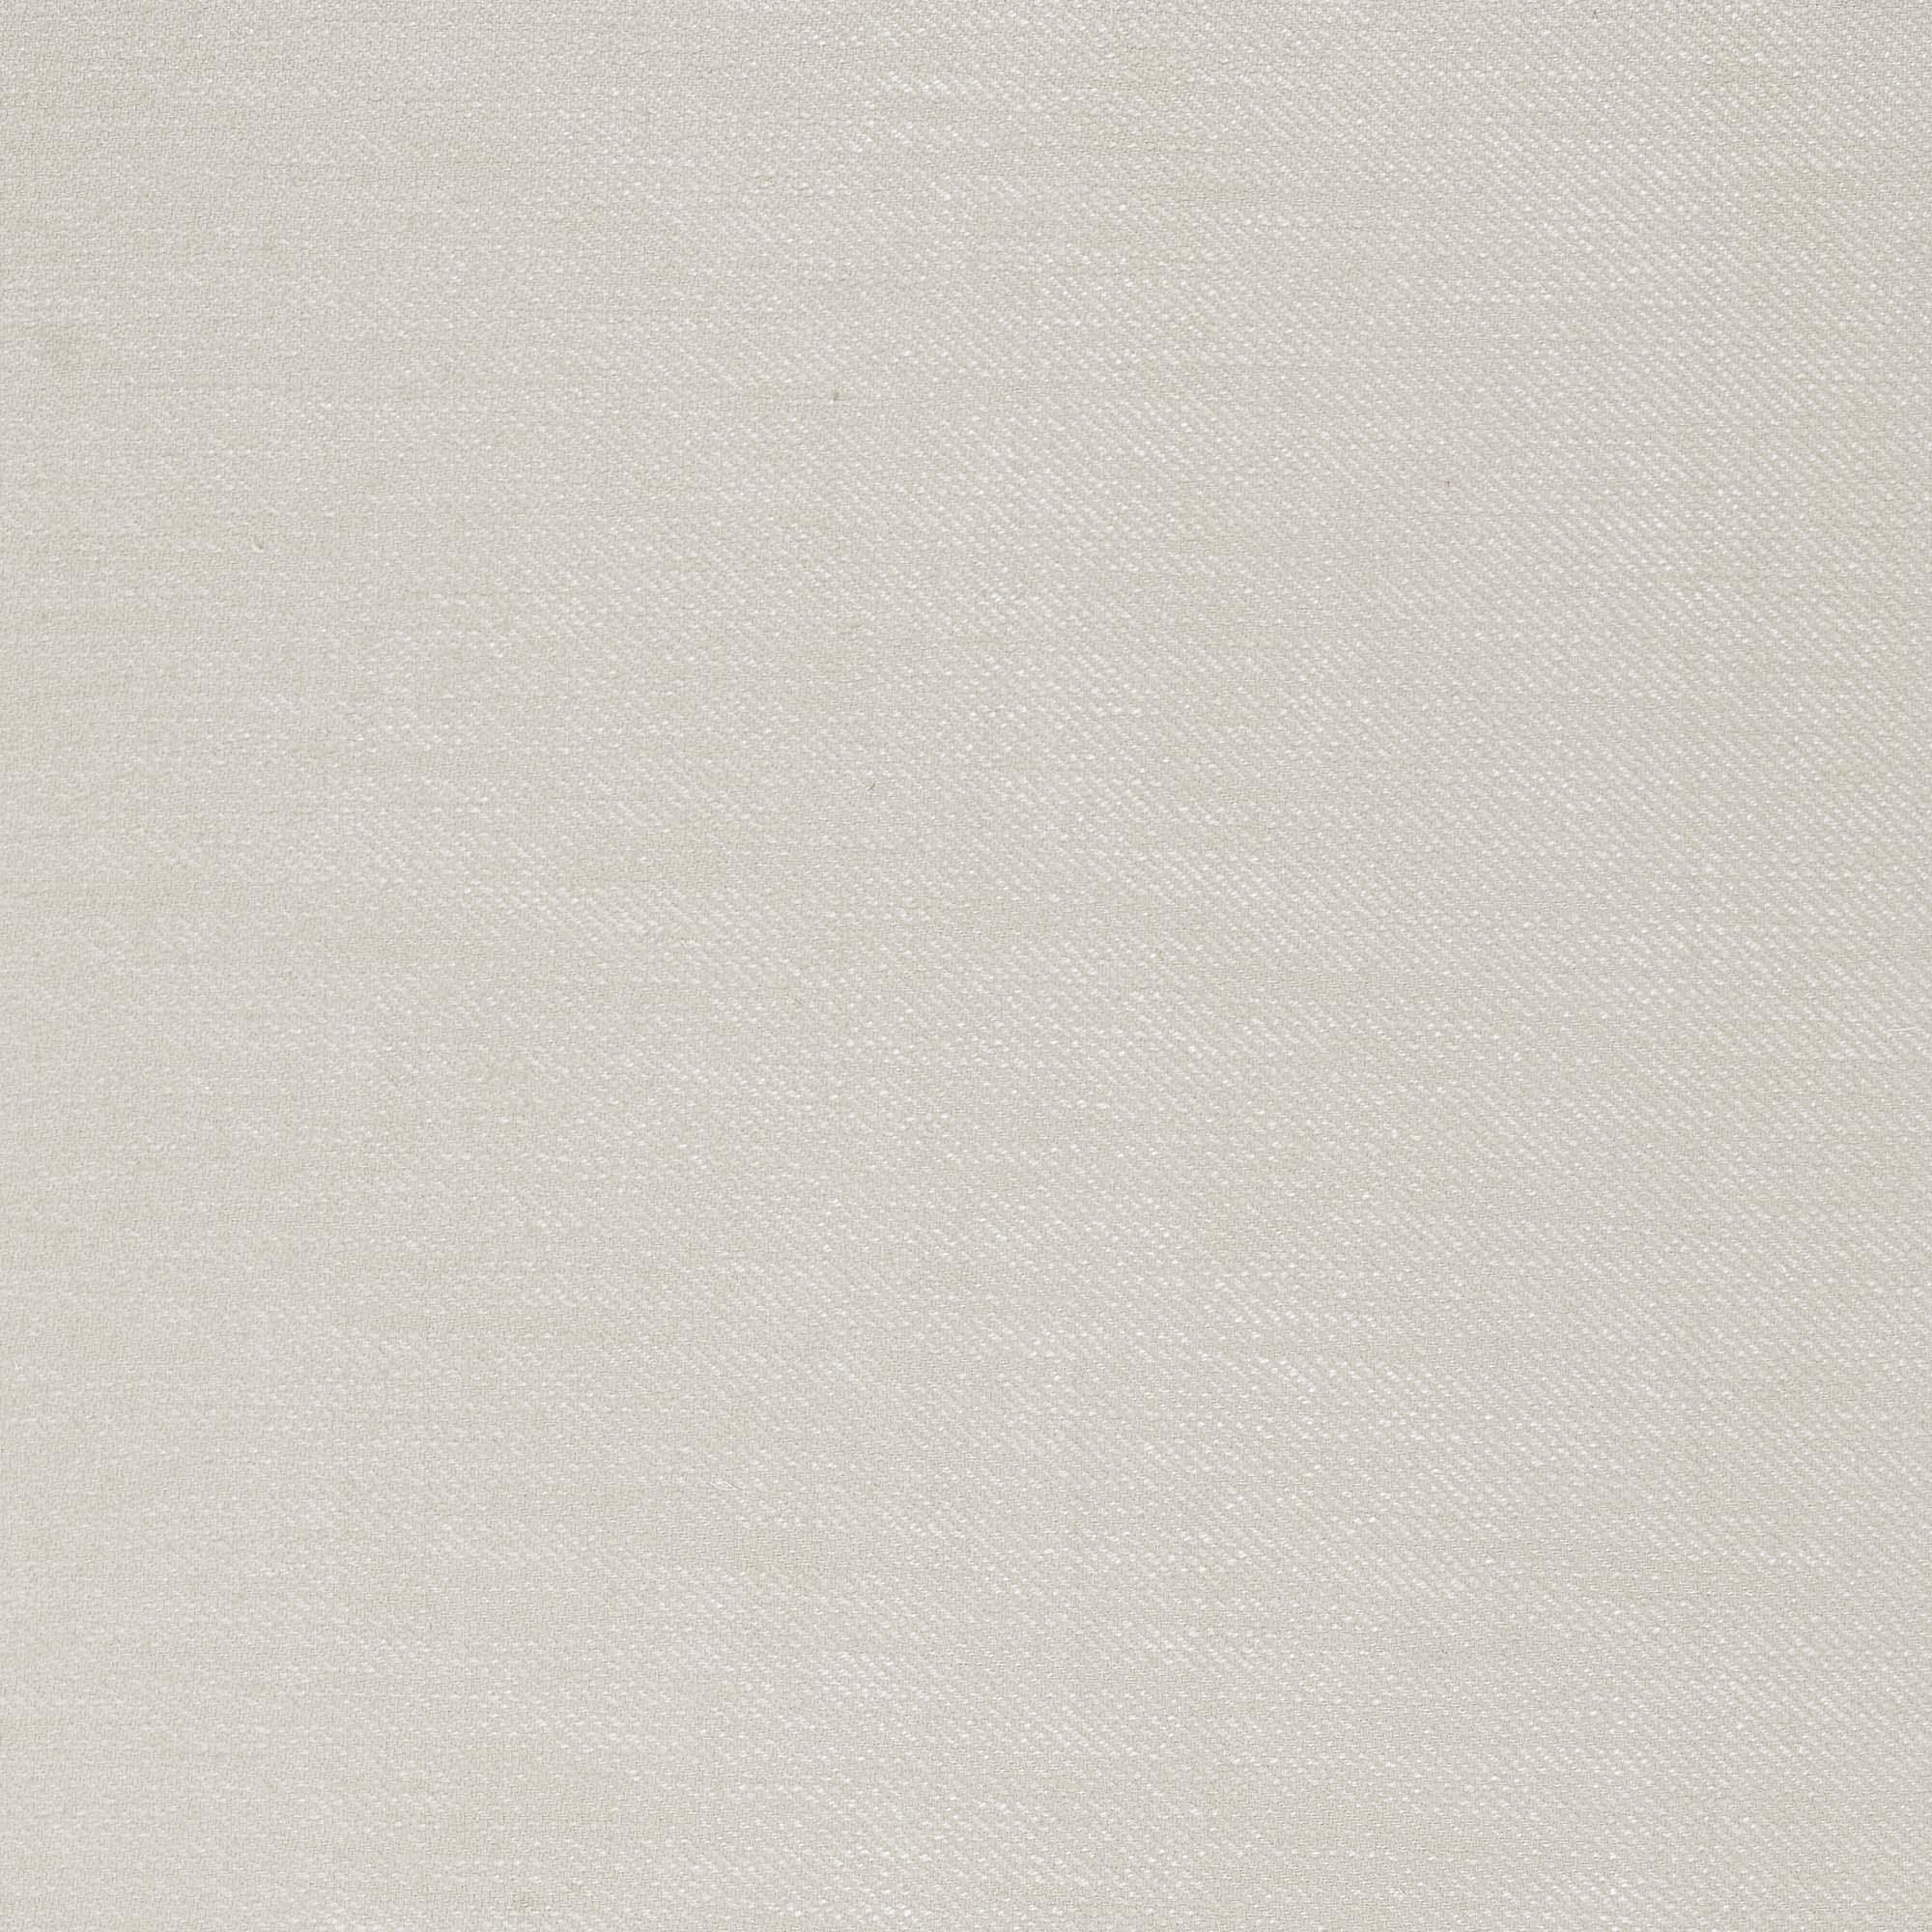 ウィリアムモリス生地 Pure Berwick 236591